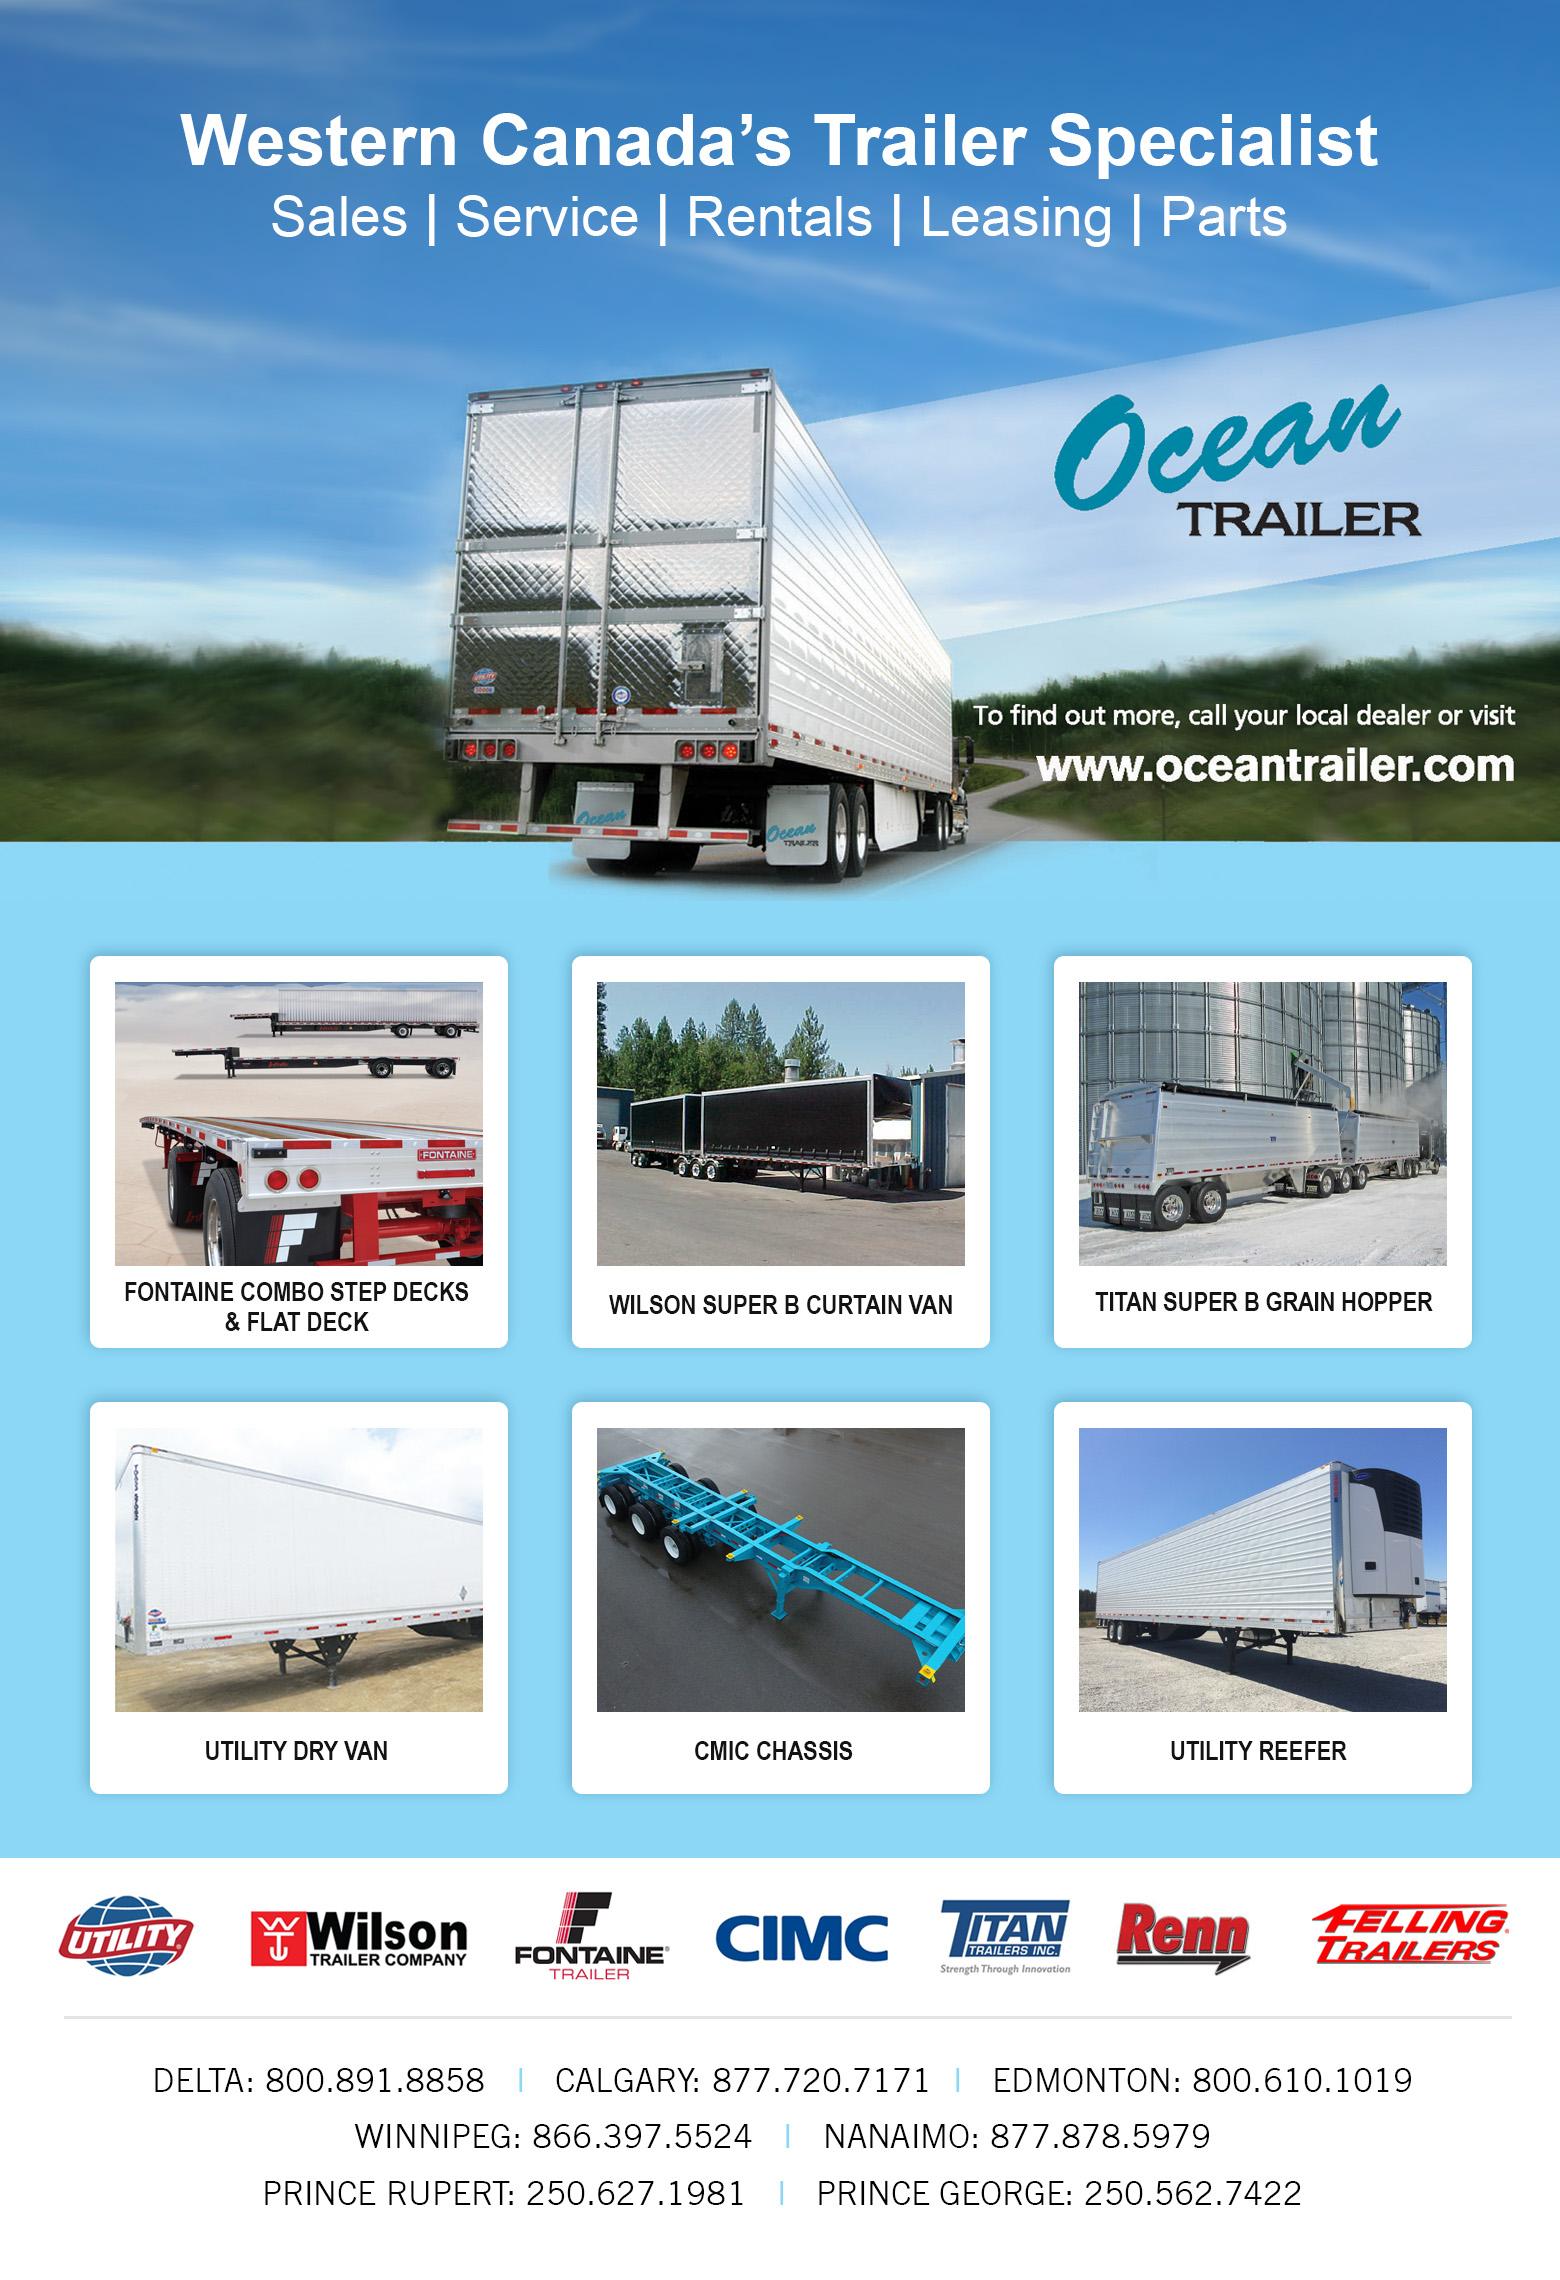 ocean-trailer-yzFCtdK.jpeg